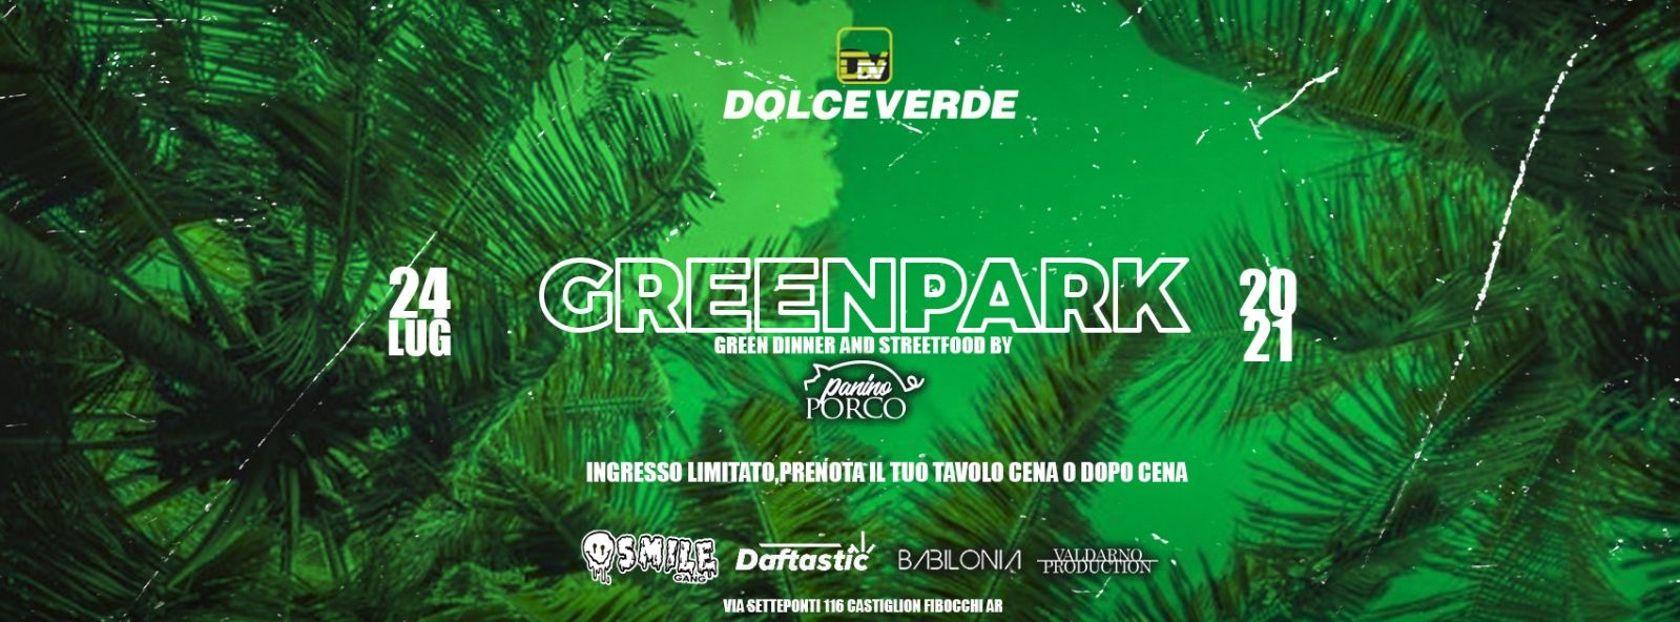 - Dolceverde Greenpark